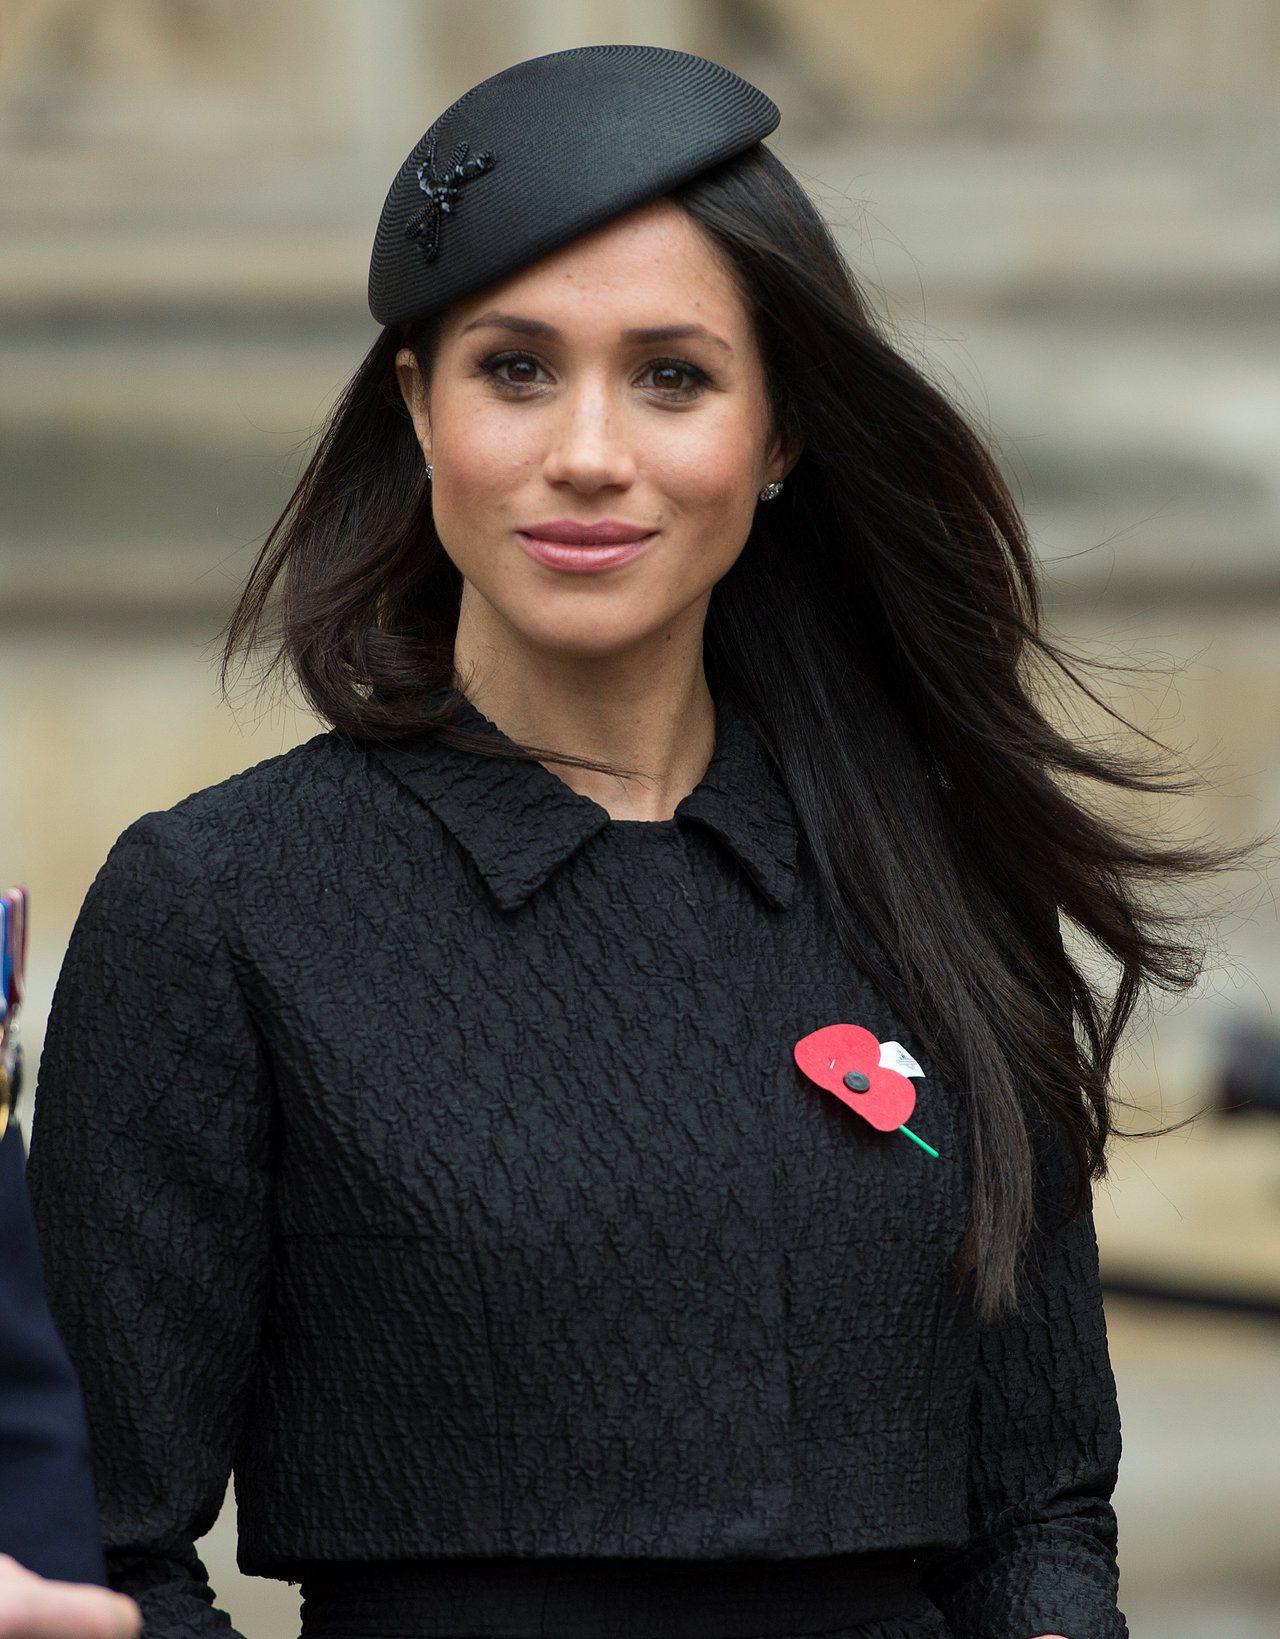 梅根馬克爾嫁入英國王室後,據傳仍有一項規定讓她難以適應。圖/路透資料照片